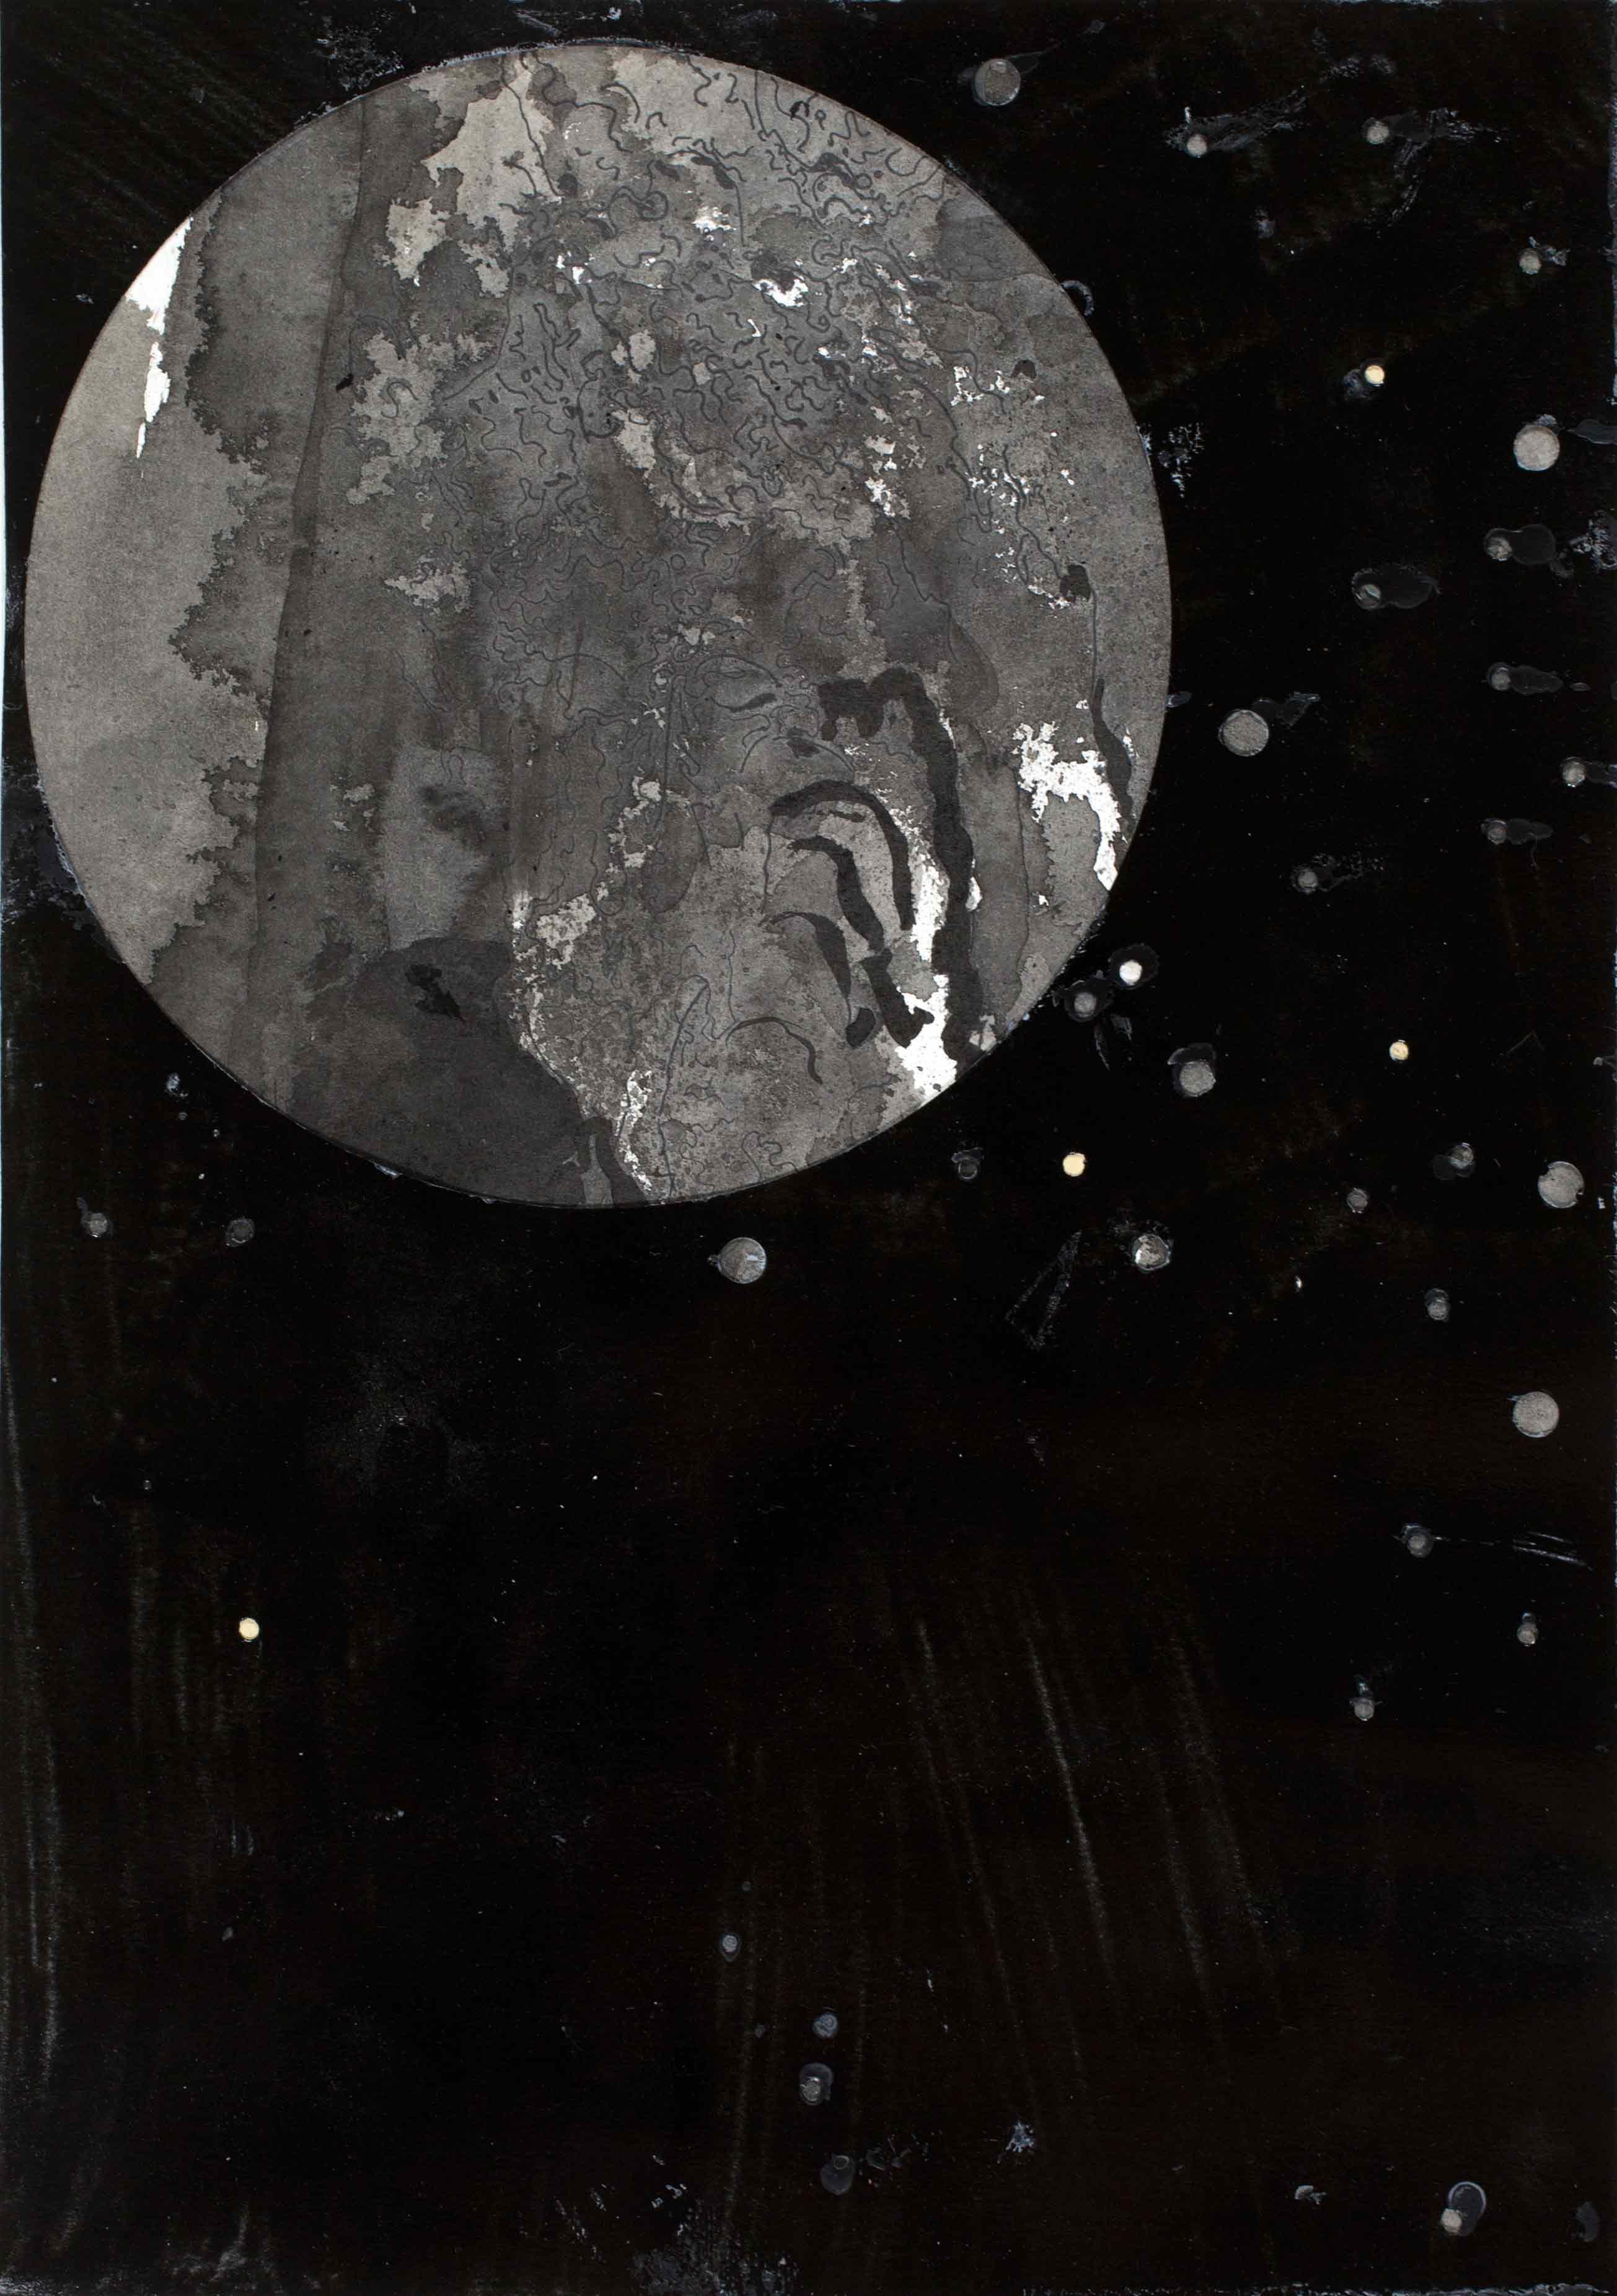 """aus der Serie """"every stone is lunatic that travels on the moon"""", Bleistift und Tusche auf Papier 30 x 21 cm (Foto: Krinzinger Projekte / Arnau Oliveras Segui)"""